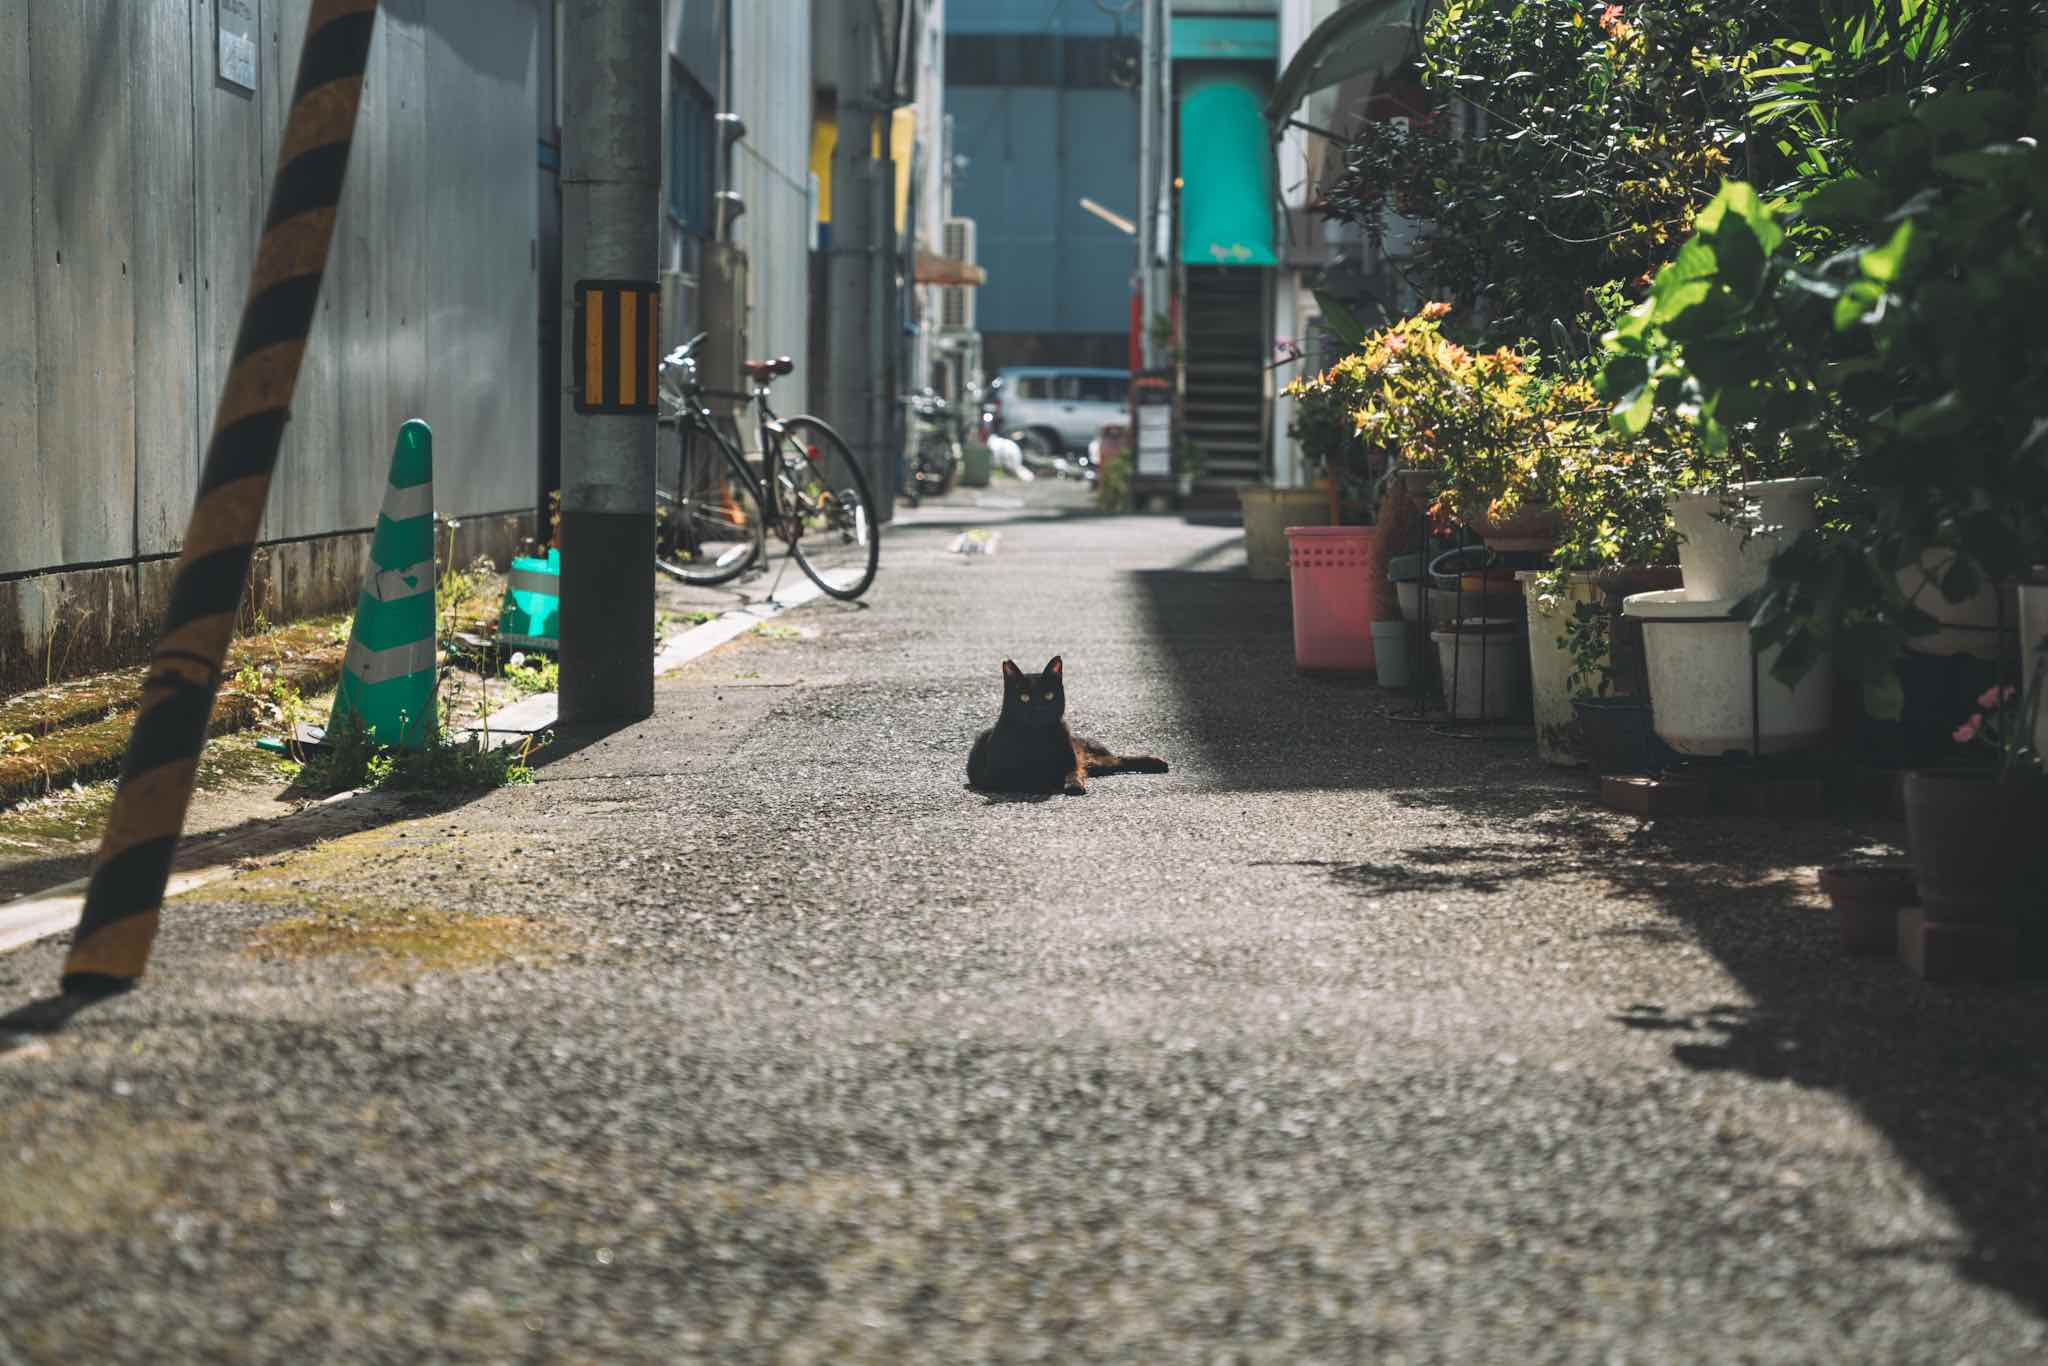 【高知日帰り旅】観光にも来たいし、住みたくもなる雰囲気が良い